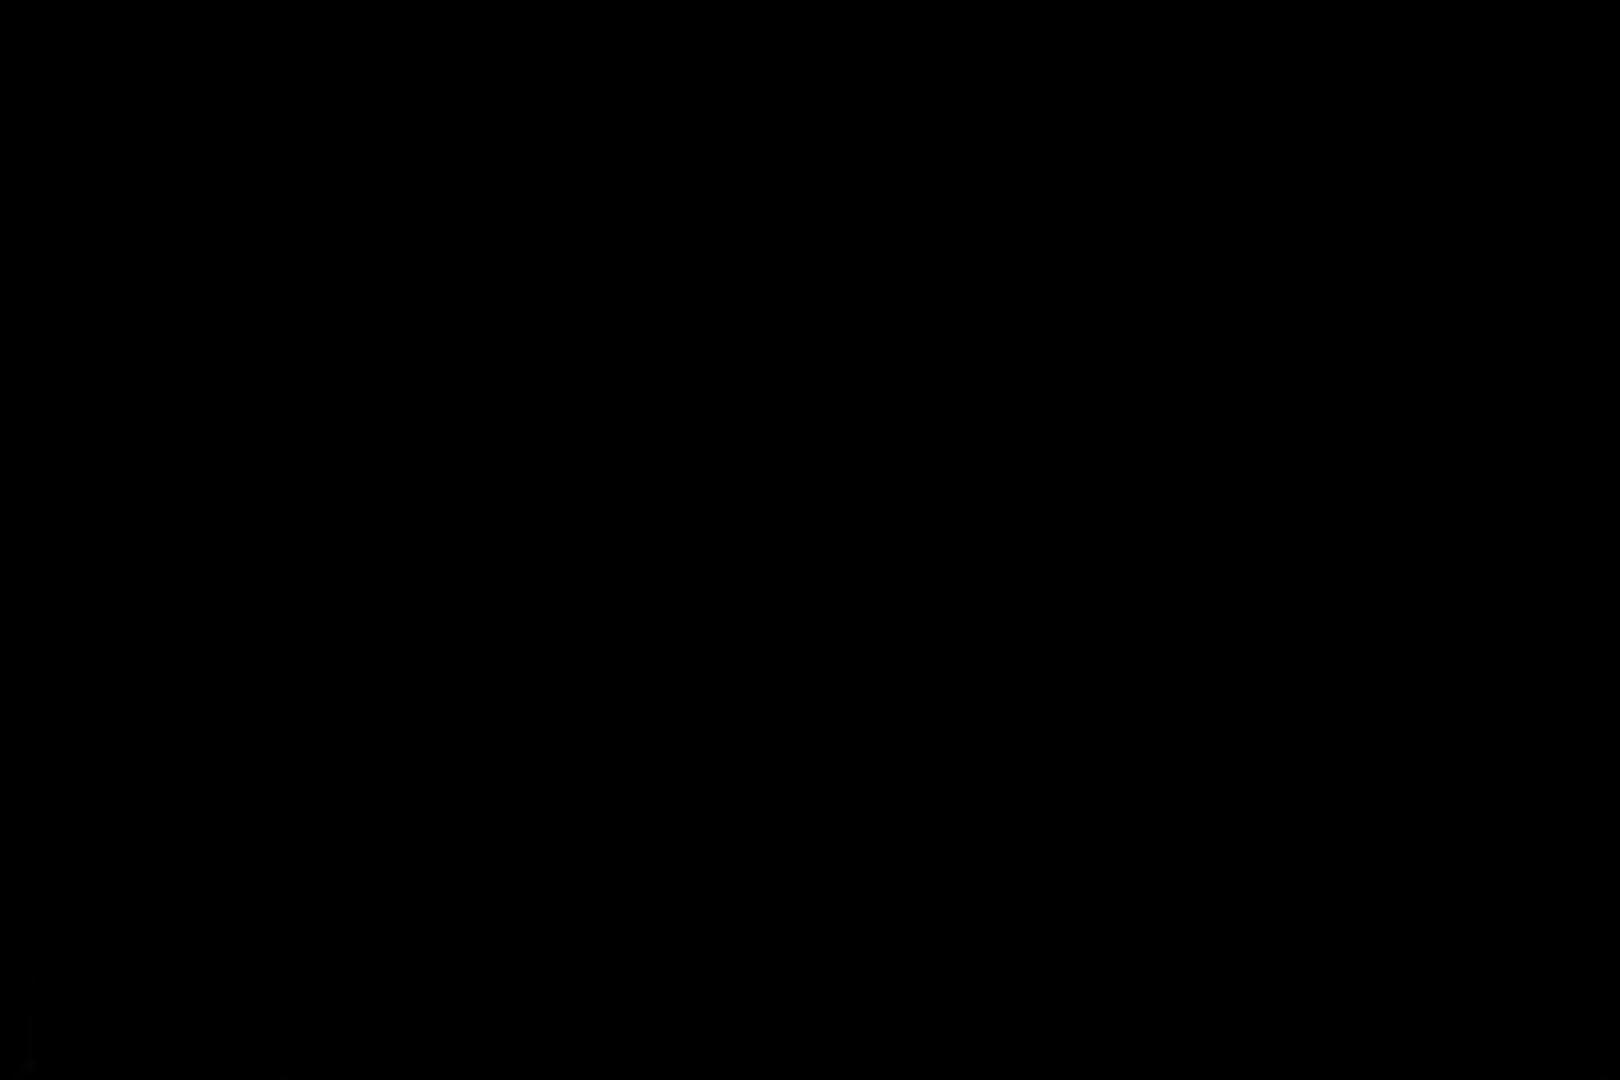 三ツ星シリーズ!!陰間茶屋独占!!第二弾!!イケメン羞恥心File.06 イケメンたち ペニス画像 108枚 77